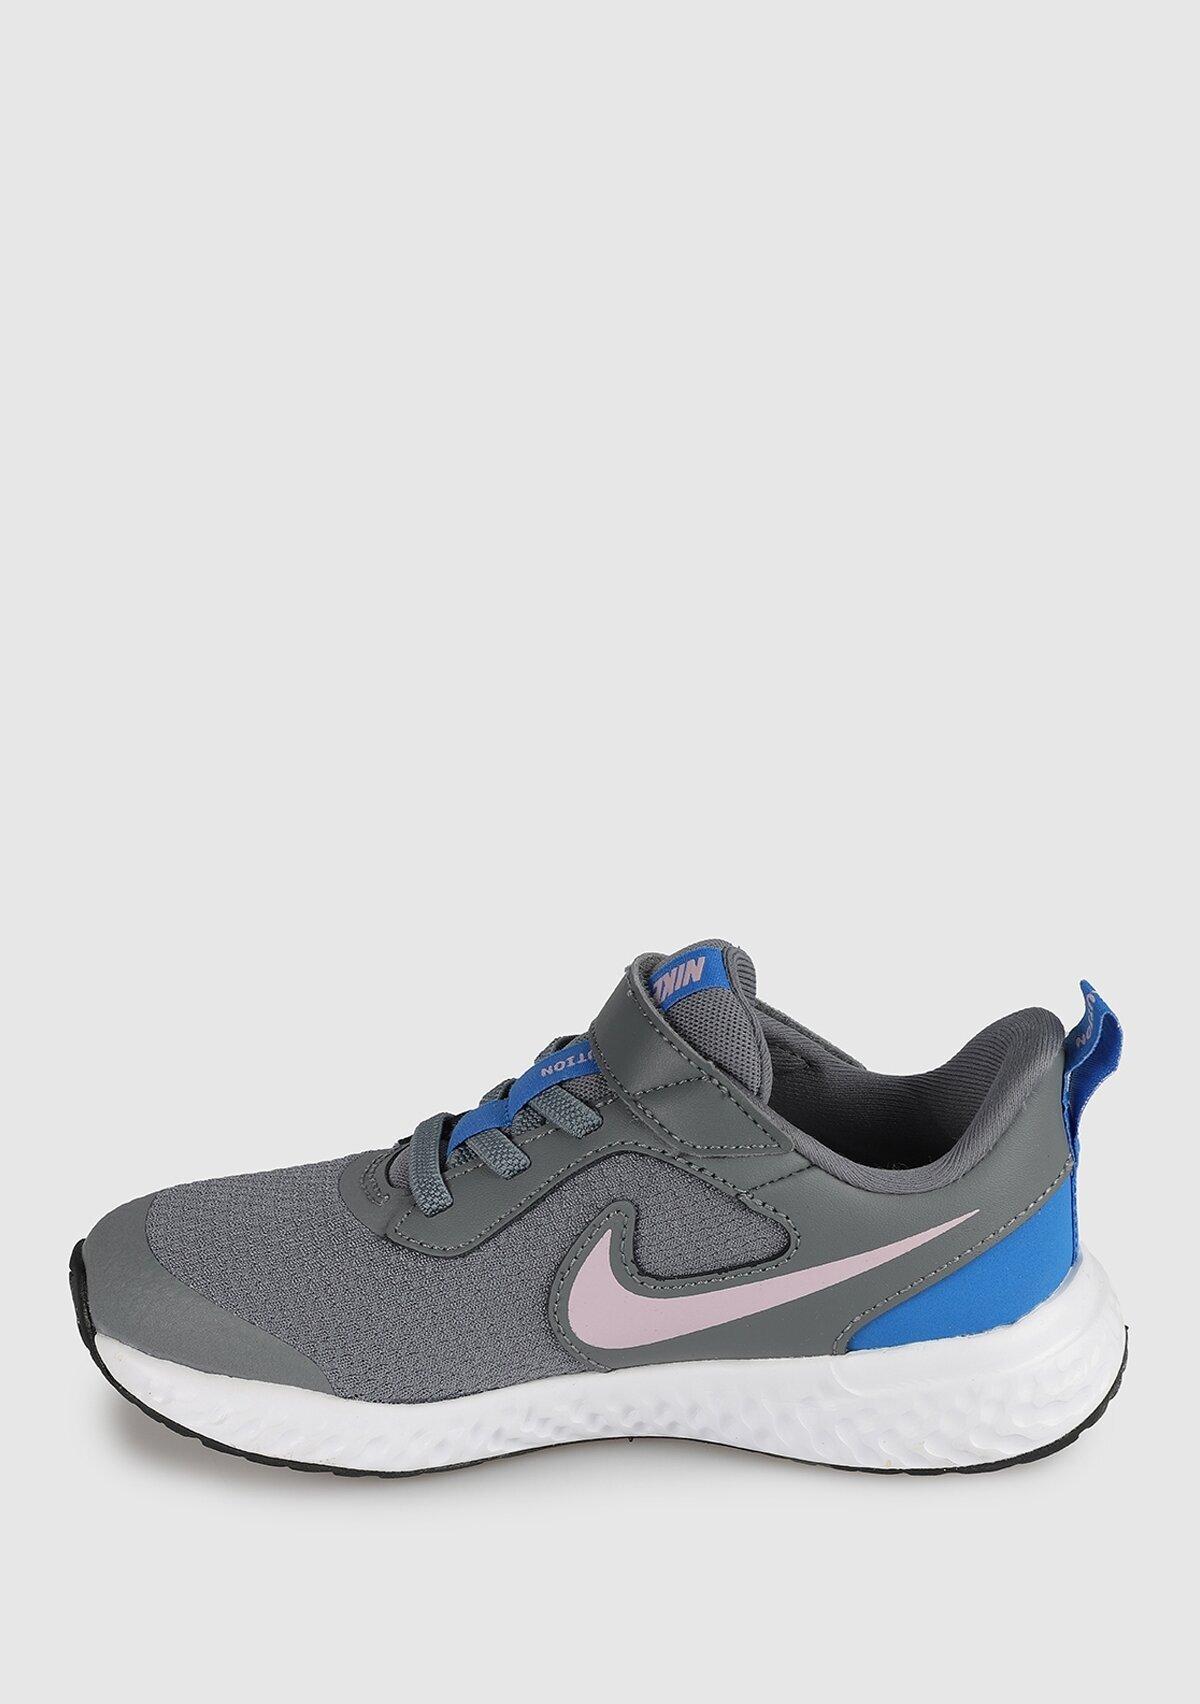 resm Revolution 5 Gri Unisex Spor Ayakkabısı Bq5672-051